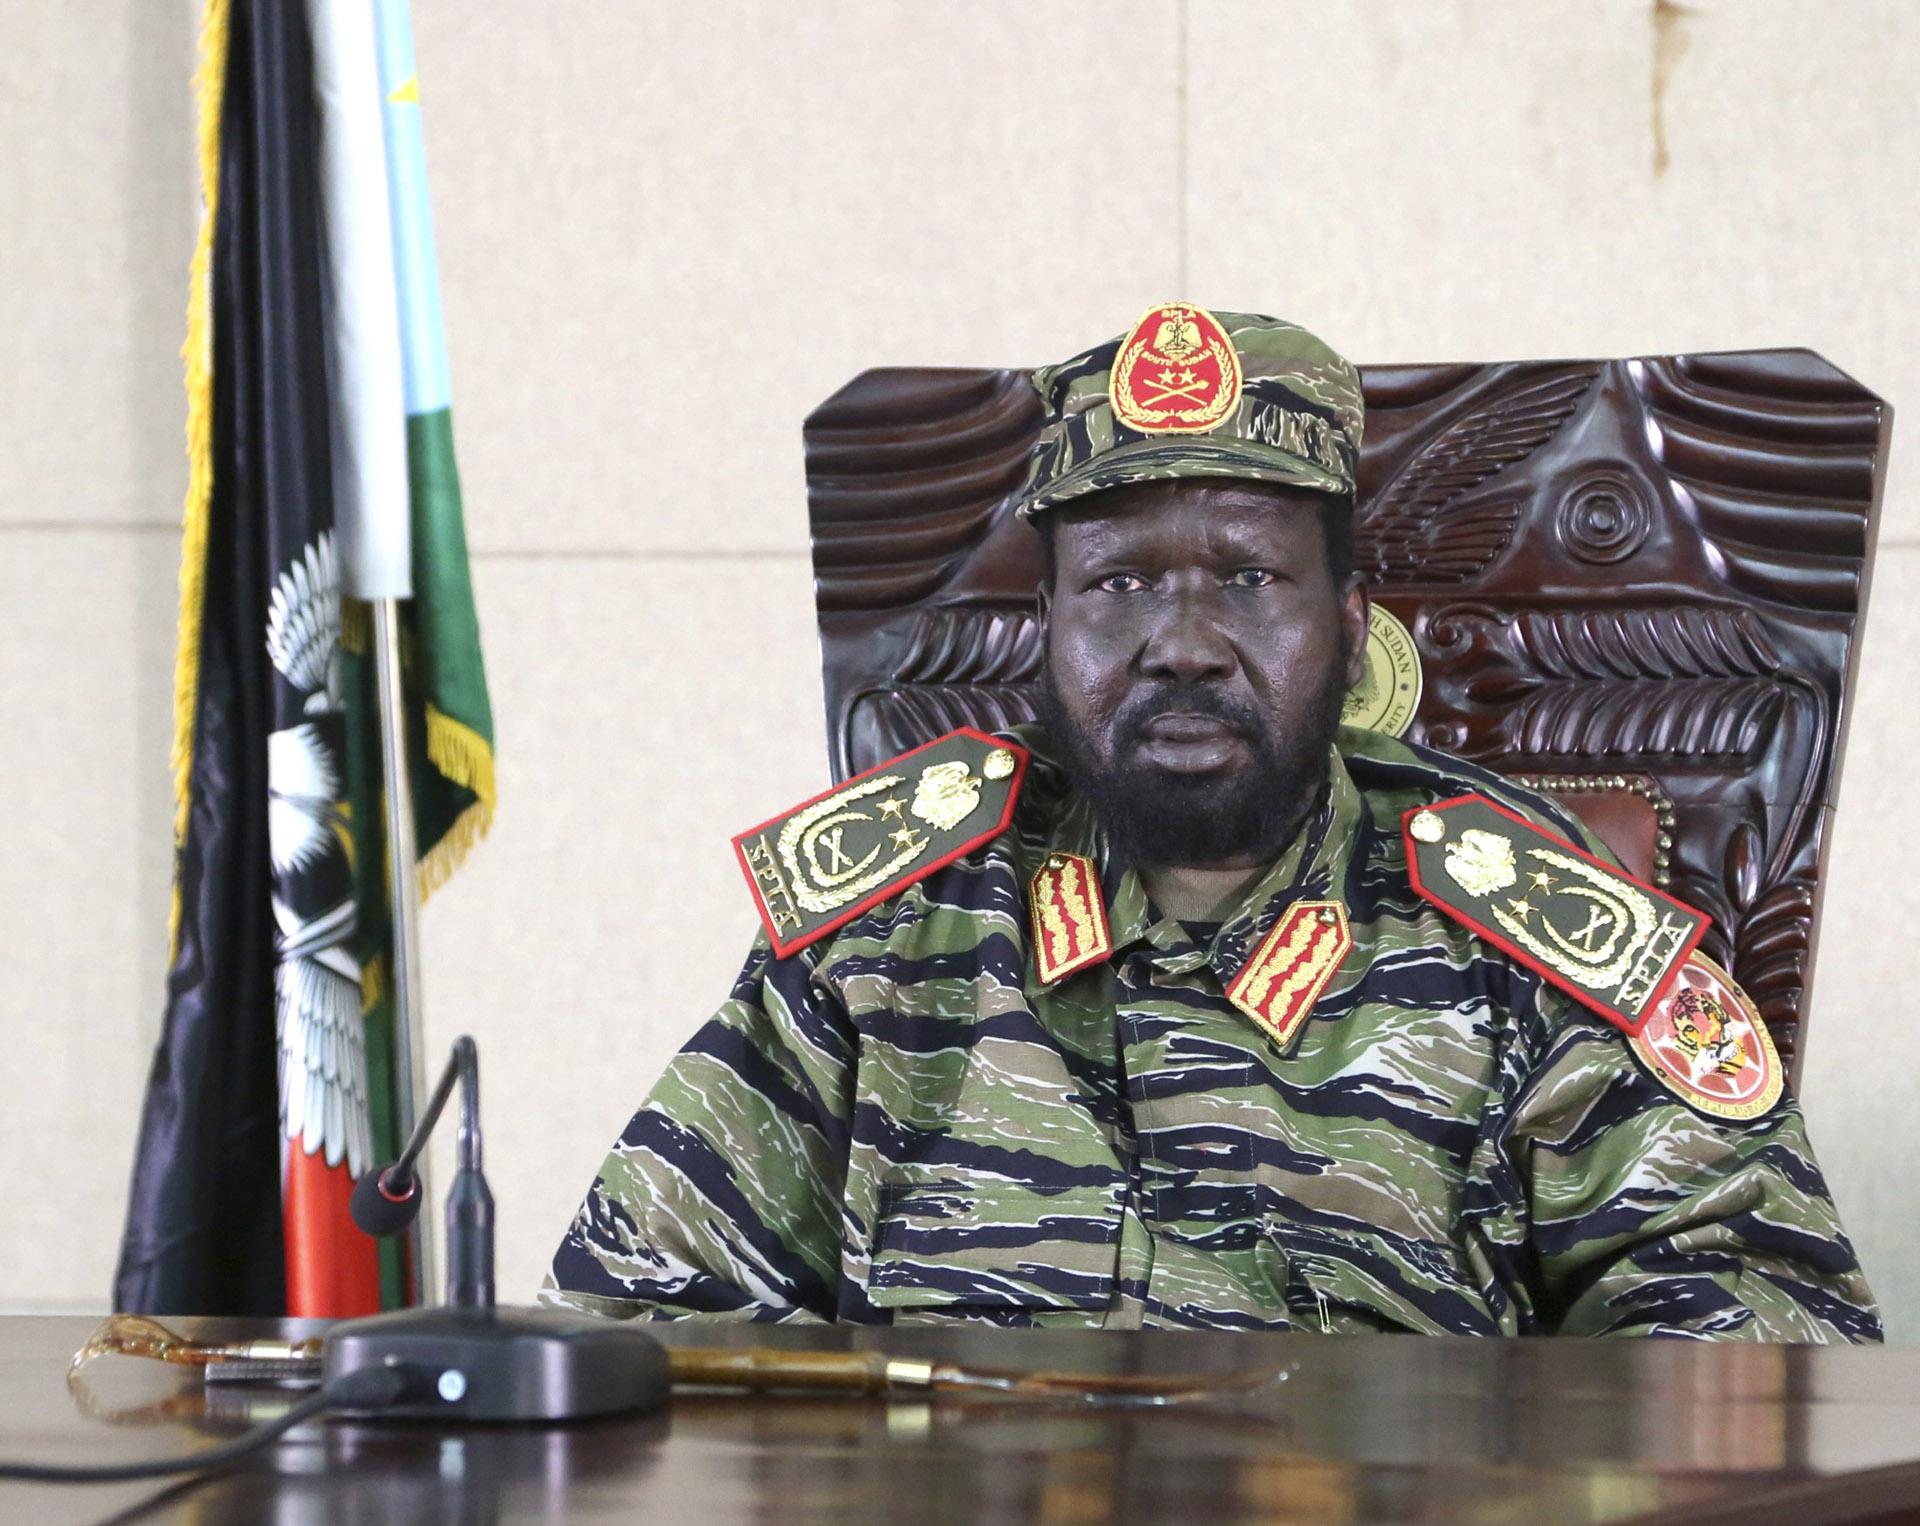 A dél-szudáni elnök szerint le kell lőni a nemi erőszakot elkövető katonákat